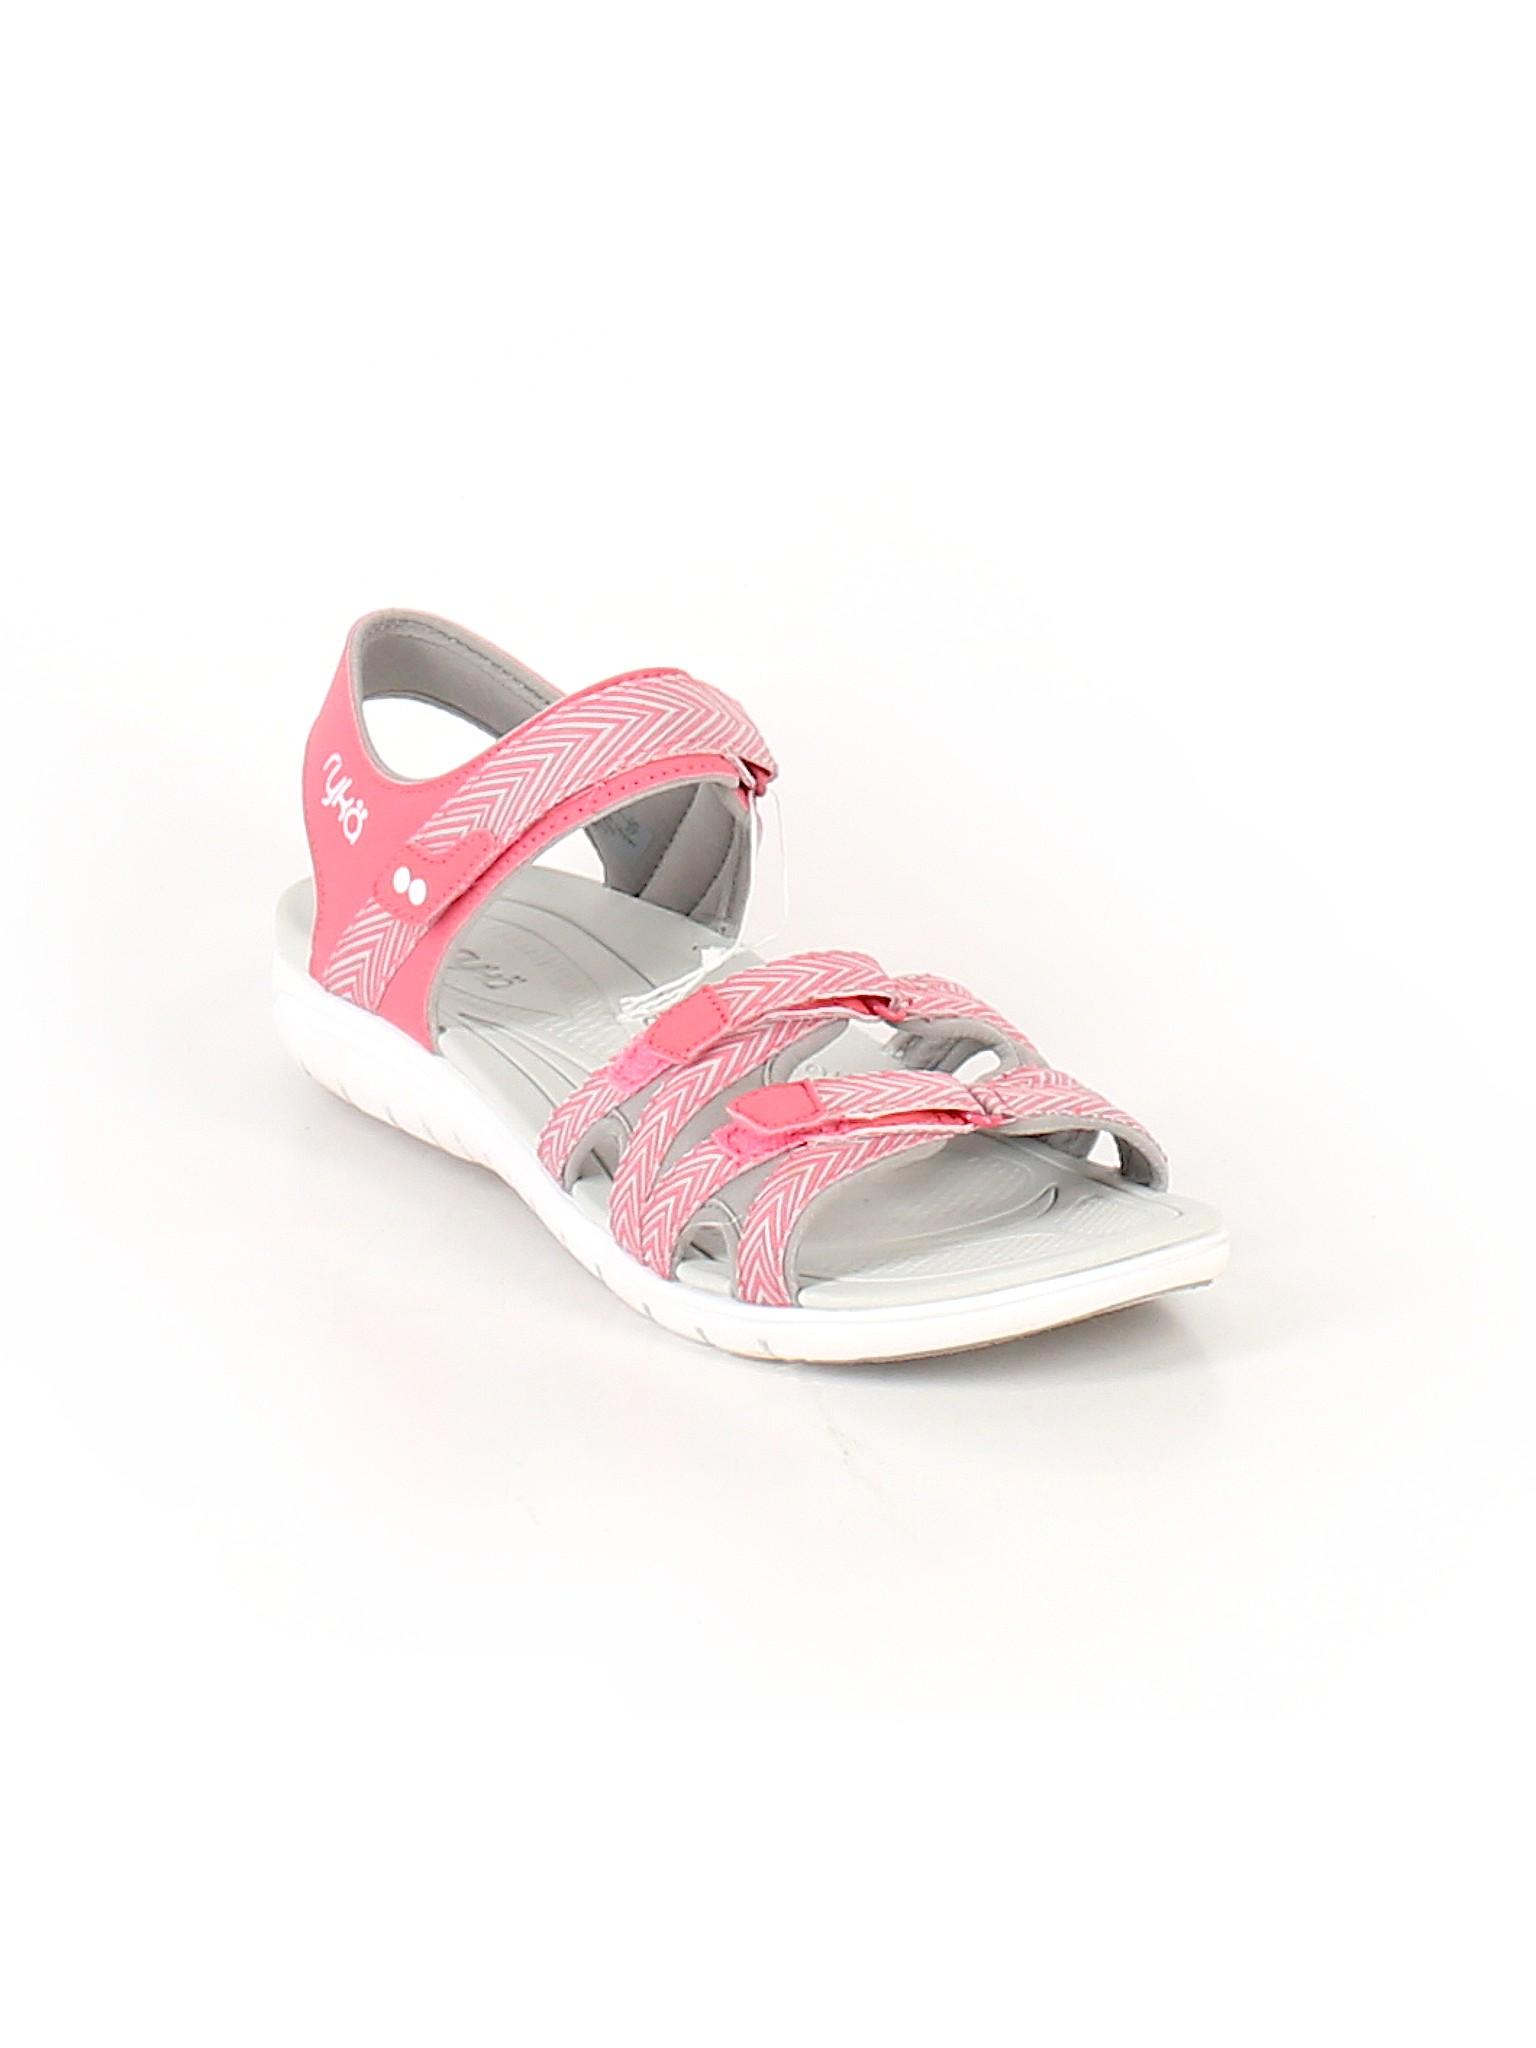 Sandals Boutique Boutique Ryka promotion promotion Sandals Ryka vqC7xx1